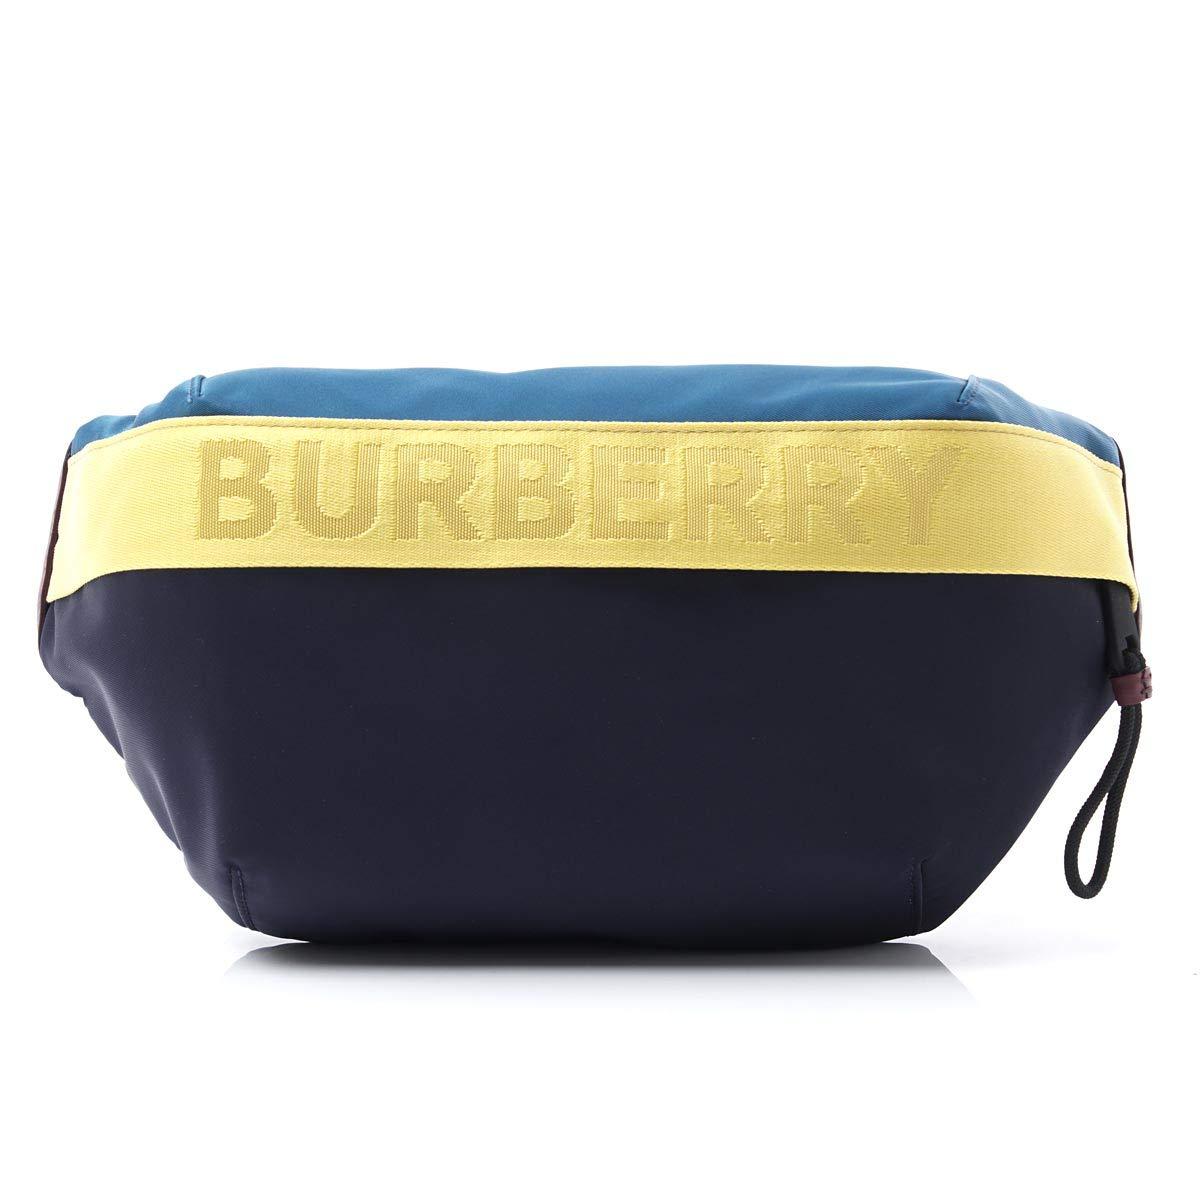 (バーバリー) BURBERRY ボディバッグ MEDIUM LOGO DETAIL COLOR BLOCK BUM BAG [並行輸入品]   B07Q72M6D7